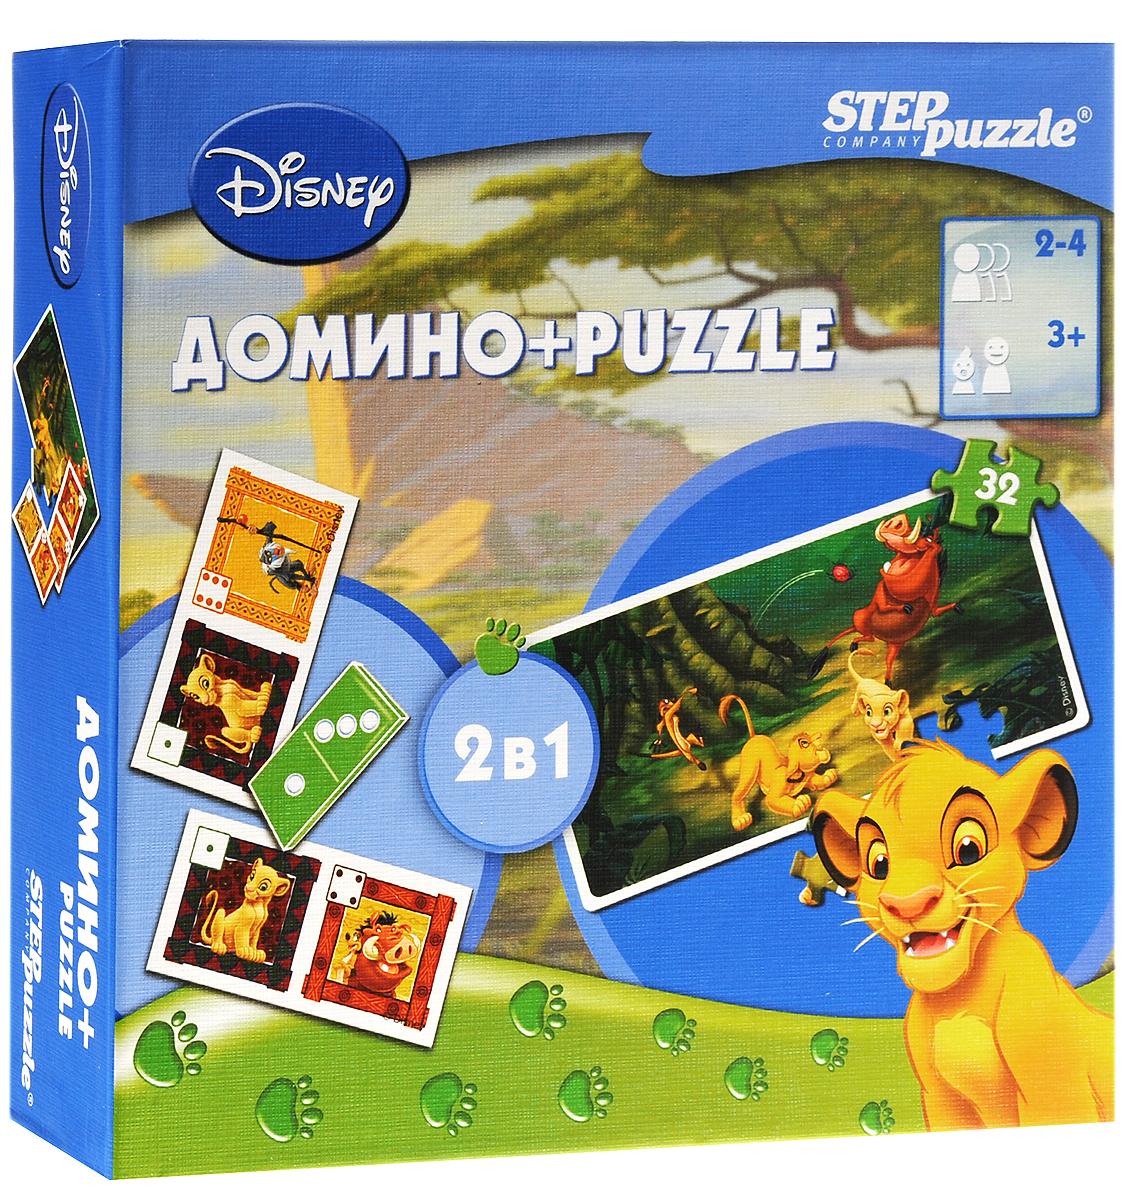 Step Puzzle Домино и пазл Король Лев08003Домино и пазл Step Puzzle Король Лев интересное развлечение для вашего ребенка, сочетающее в себе домино и пазл. Из 18 элементов малыш сможет собрать пазл с изображением персонажей одноименного мультфильма. Герои любимого многими малышами мультфильма Король лев, изображенные на качественных картонных карточках, увлекут ребенка в веселый процесс игры. Внаборе имеется: 18 элементов для сборки пазла, 28 карточек для игры в домино и инструкция. Сочетание домино и пазла формирует сосредоточенность, память, аналитическое мышление, логику и внимание. Помимо этого, домино Король Лев учит ребенка умению играть в коллективе.